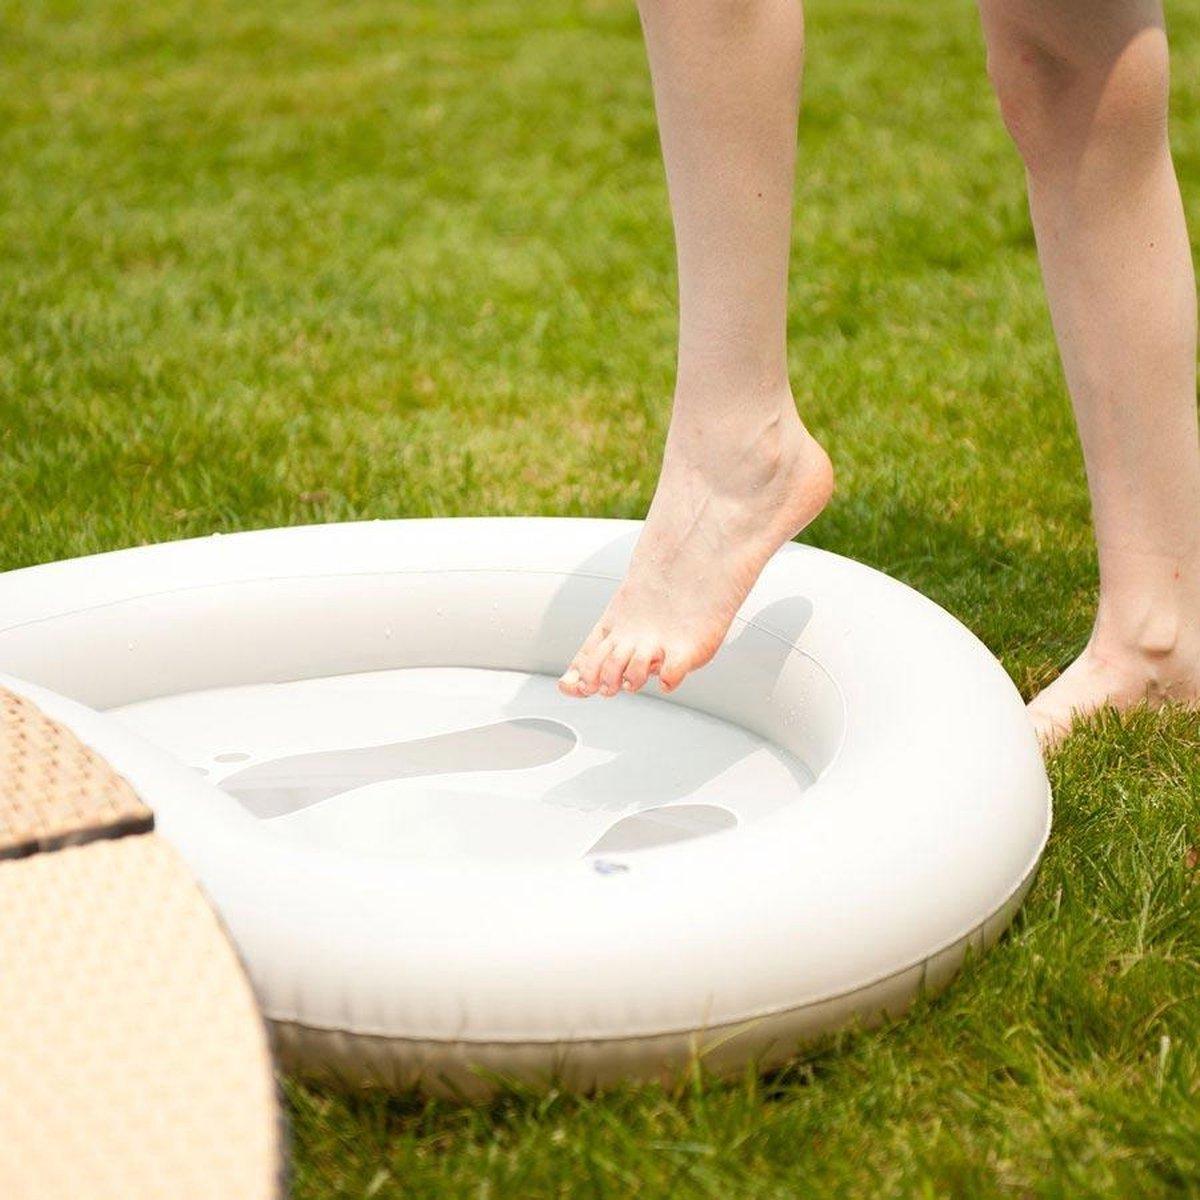 Voetenbad voor uw opblaasbaar bubbelbad mspa